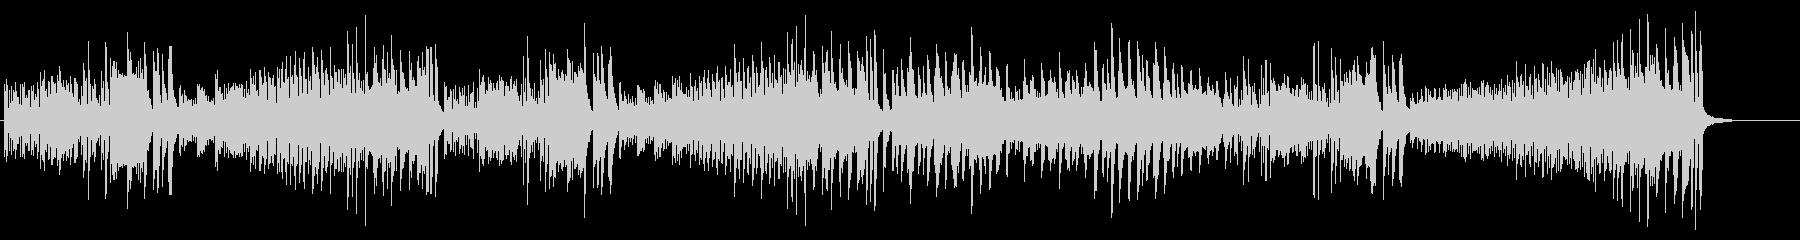 なんか変な感じのピアノ曲(2台ピアノ)の未再生の波形